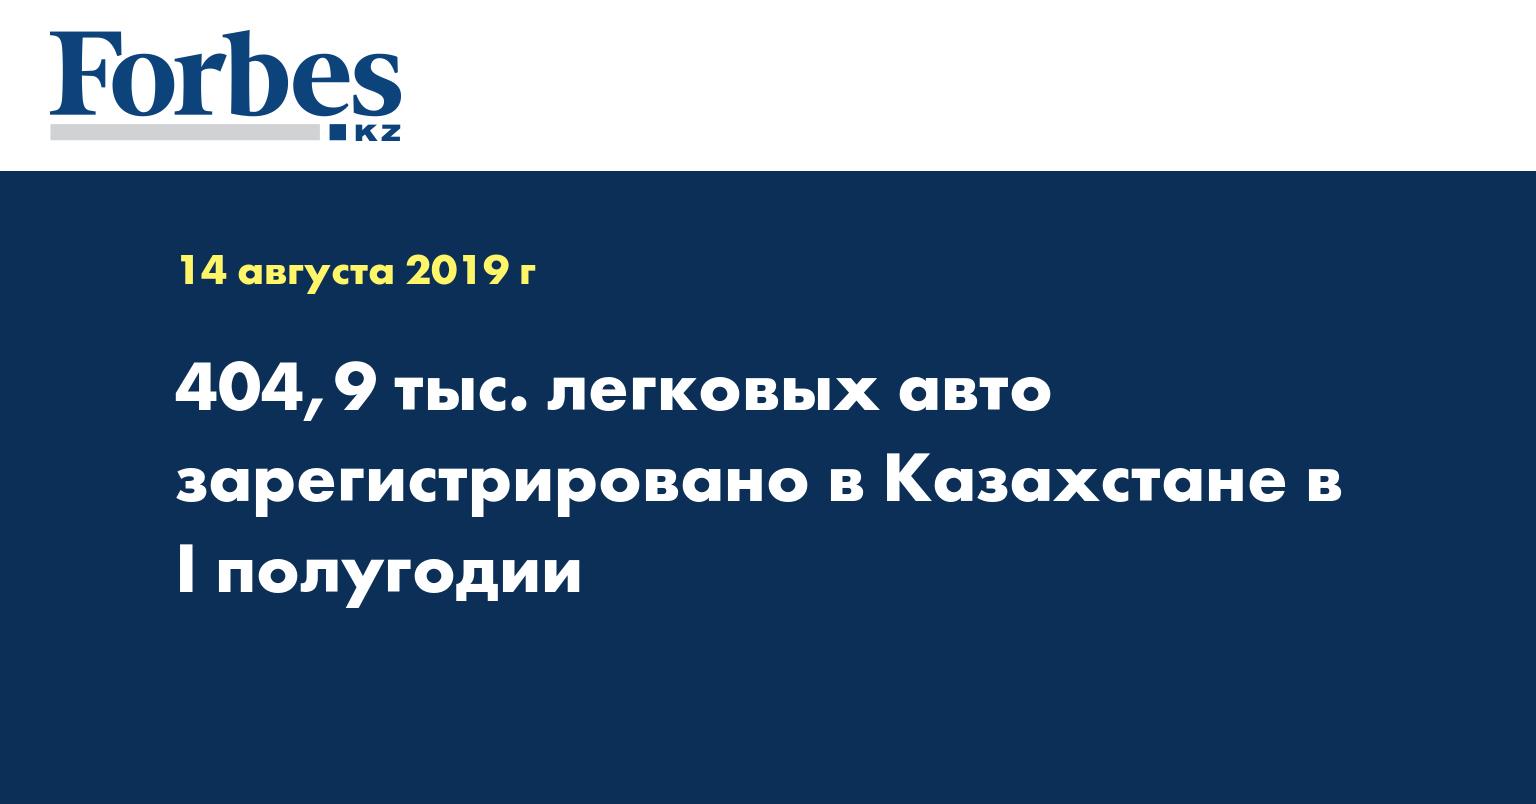 404,9 тыс. легковых авто зарегистрировано в Казахстане в I полугодии